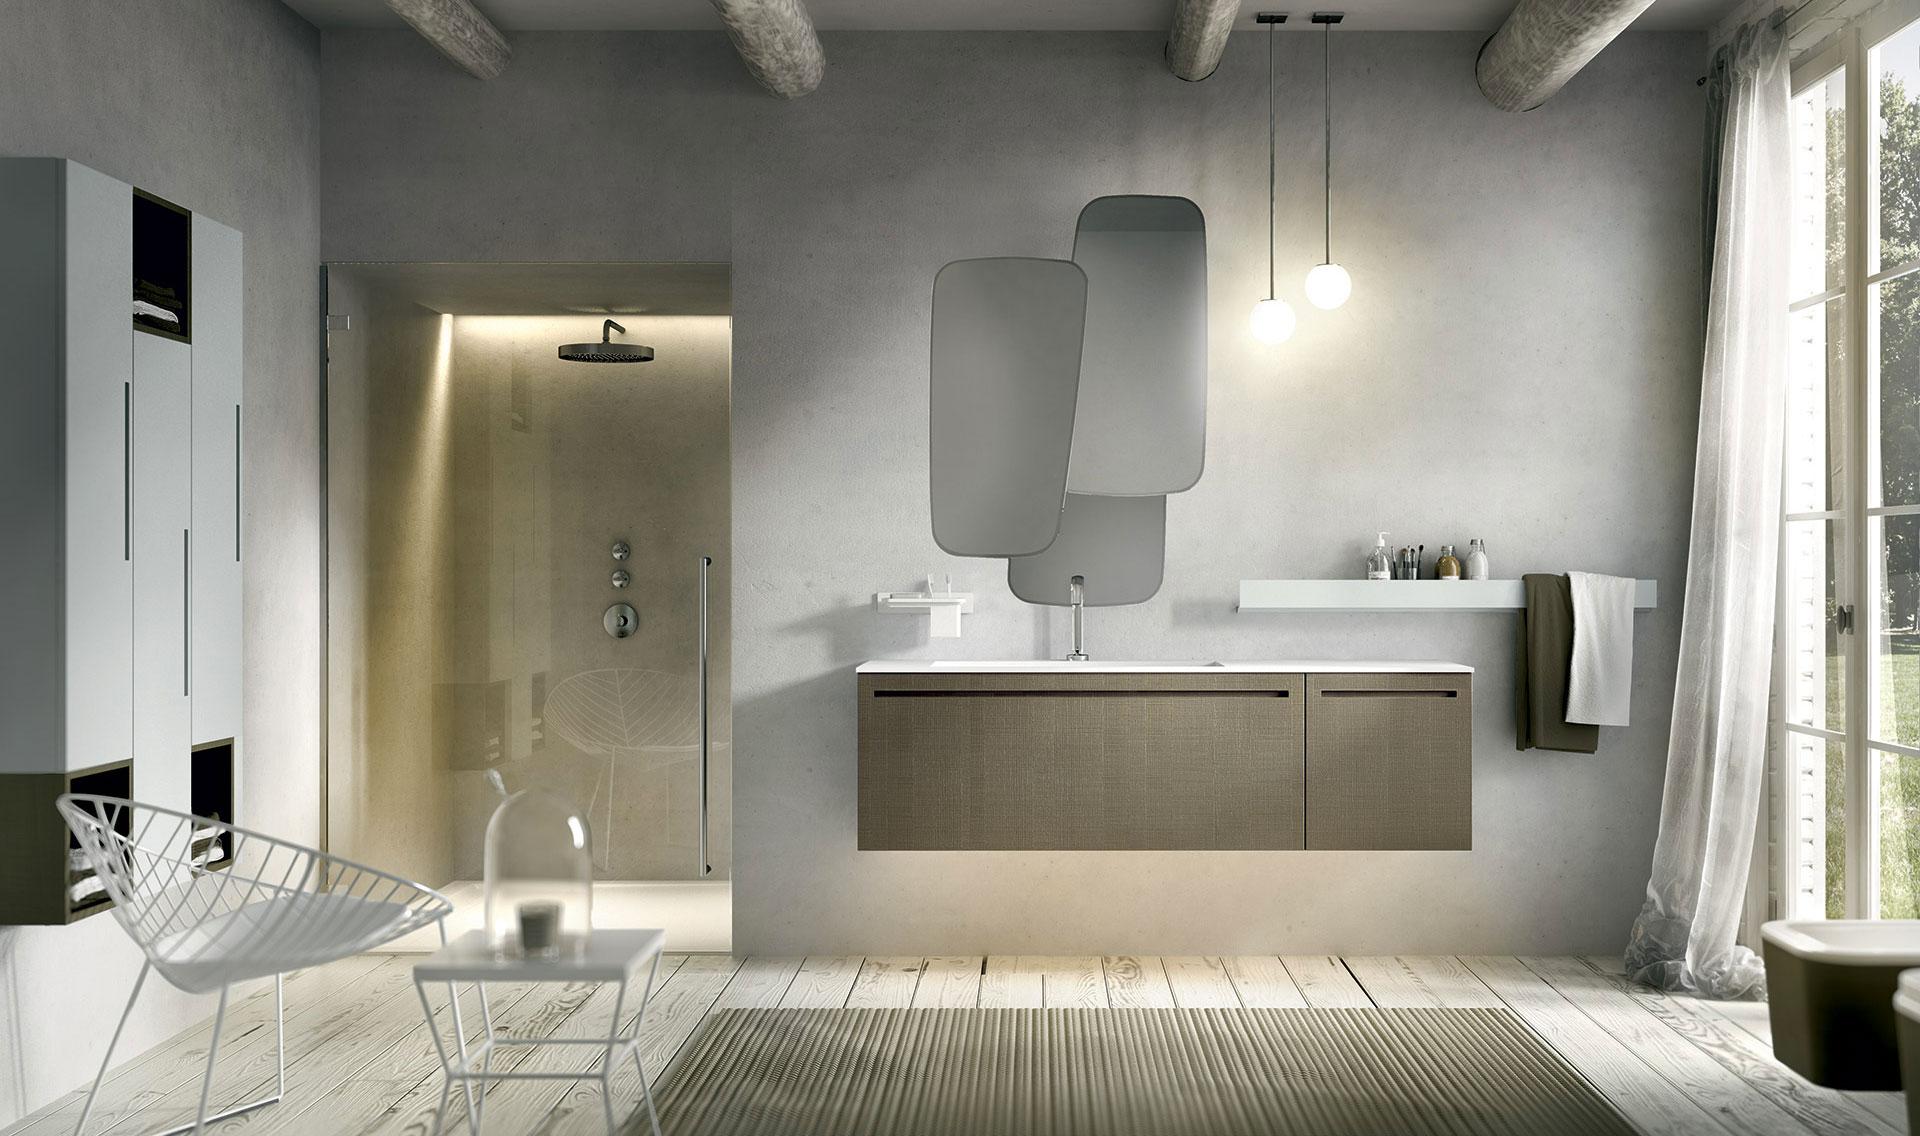 Mobili bagno particolari finest specchi per bagni moderni for Mobili particolari per bagno